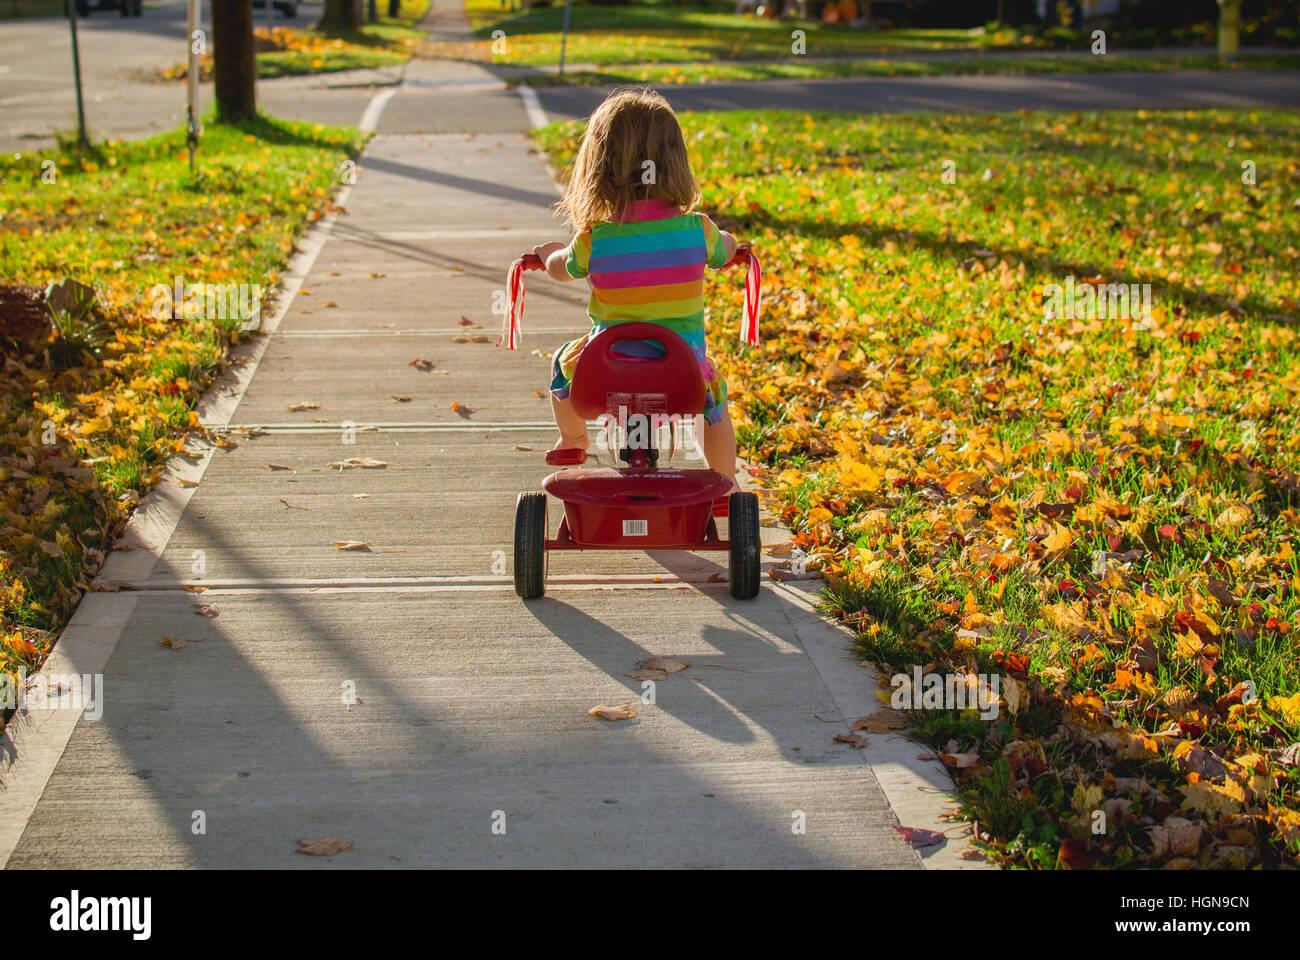 Una giovane ragazza cavalca un triciclo in una piccola città negli stati uniti. Immagini Stock